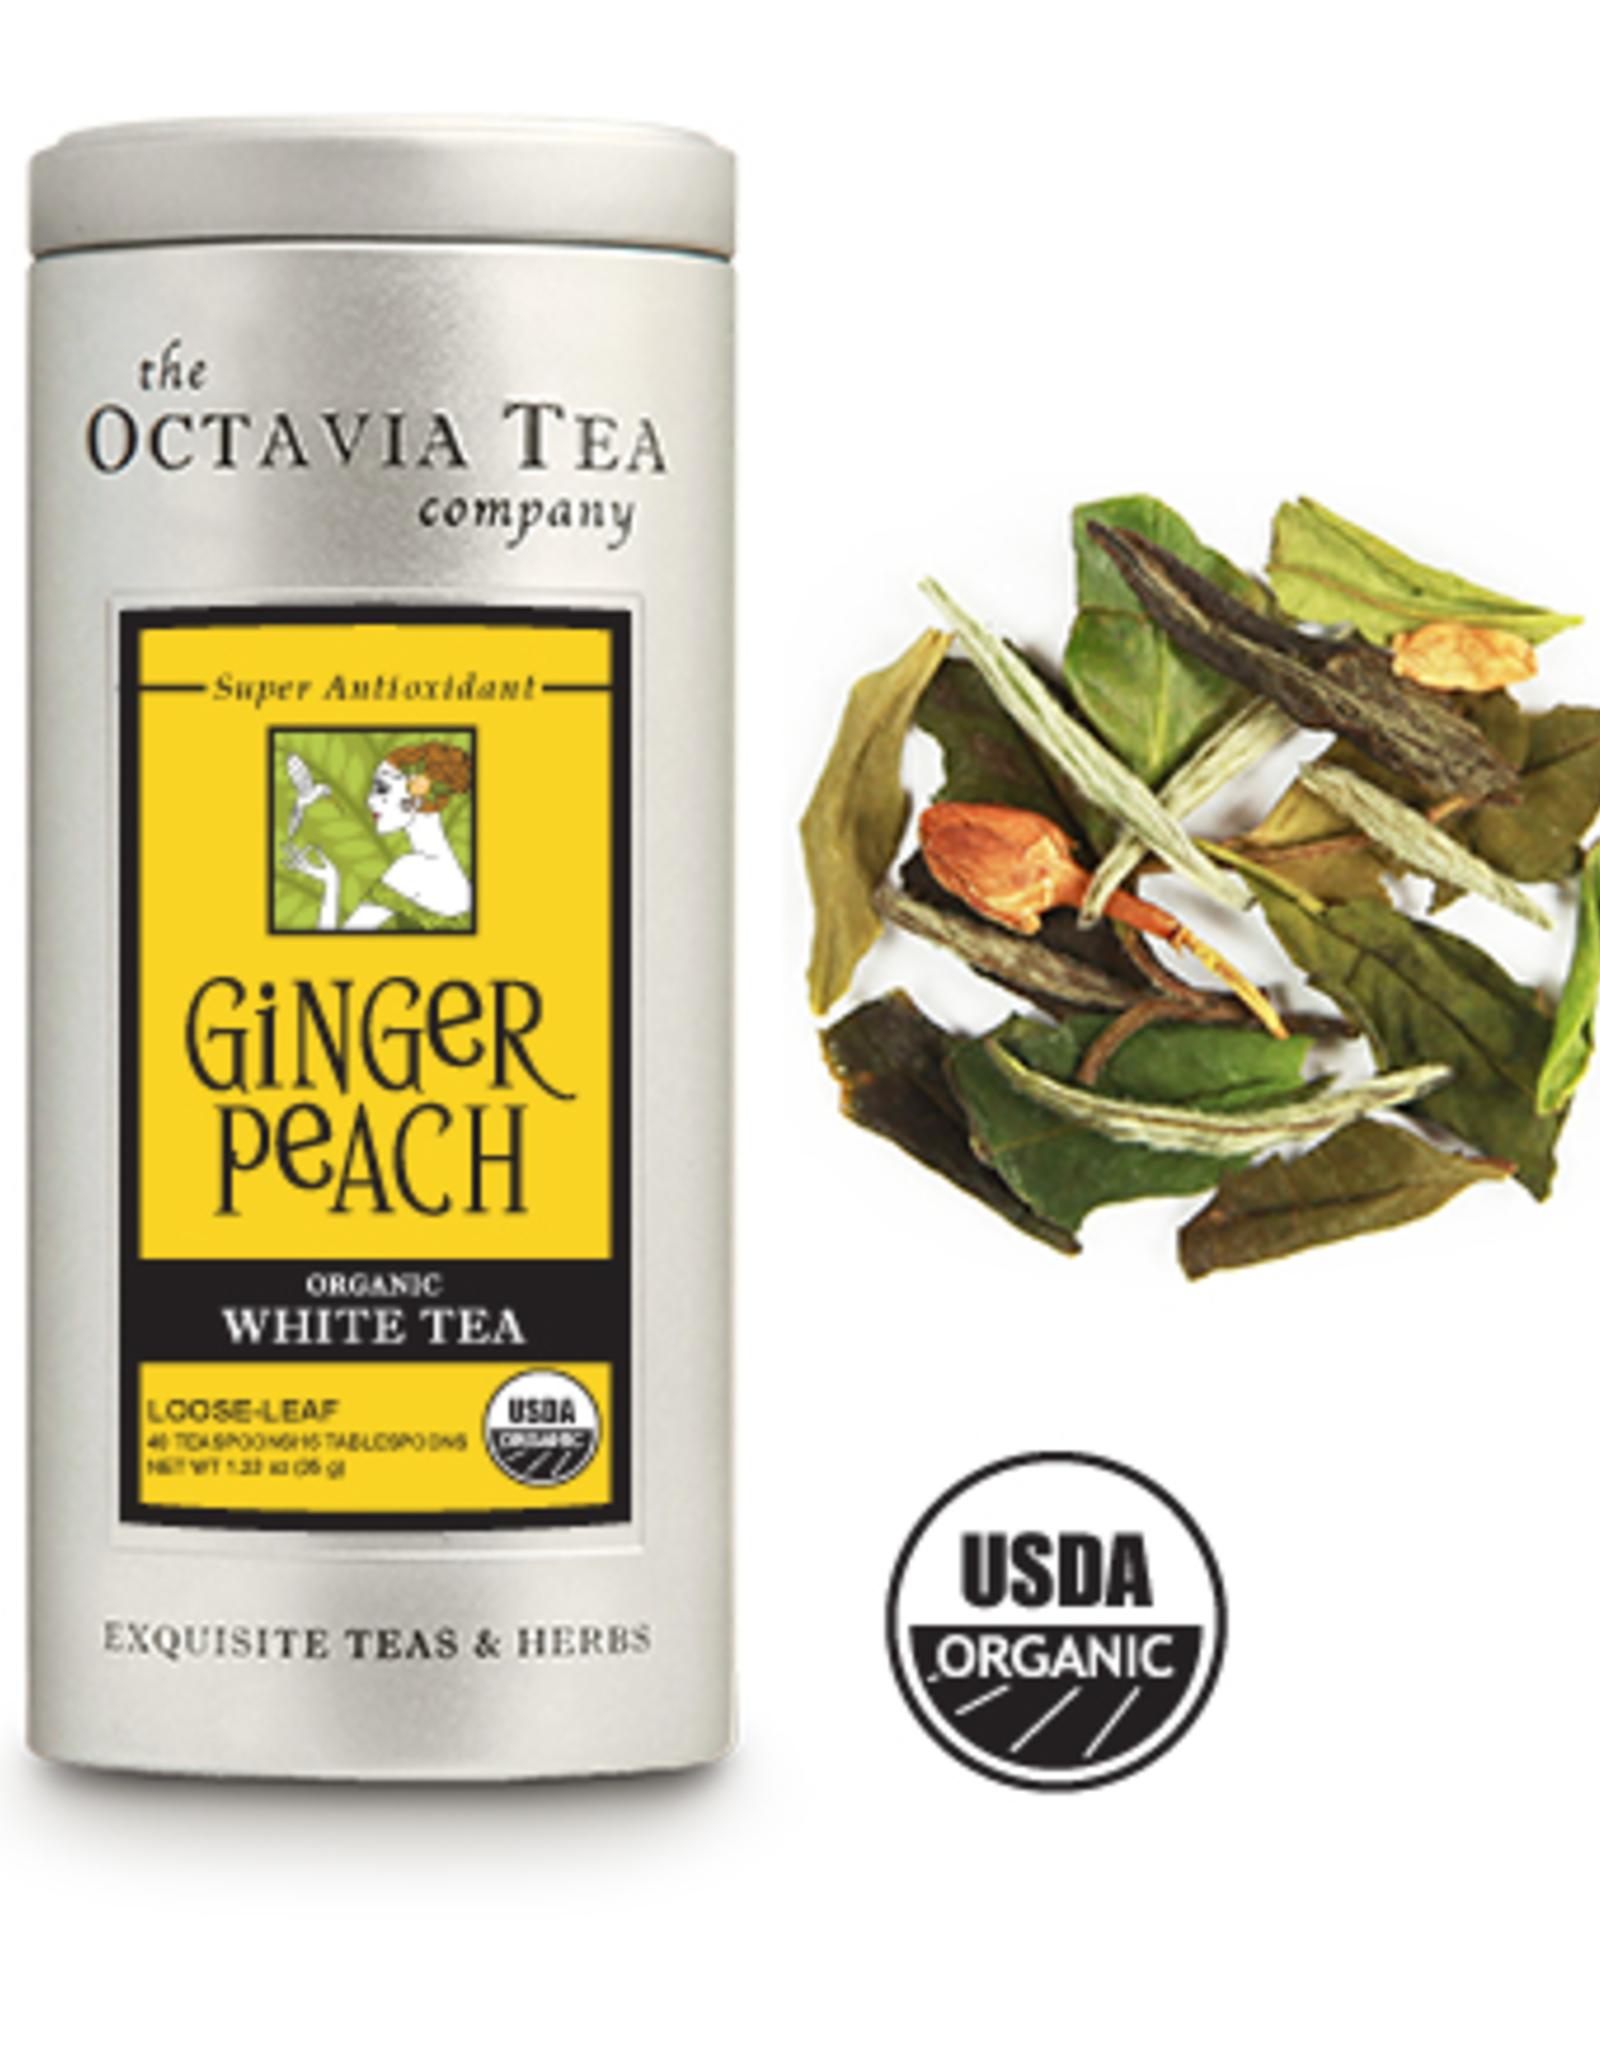 Octavia Tea Company Ginger Peach White Tea Tin, Loose Leaf